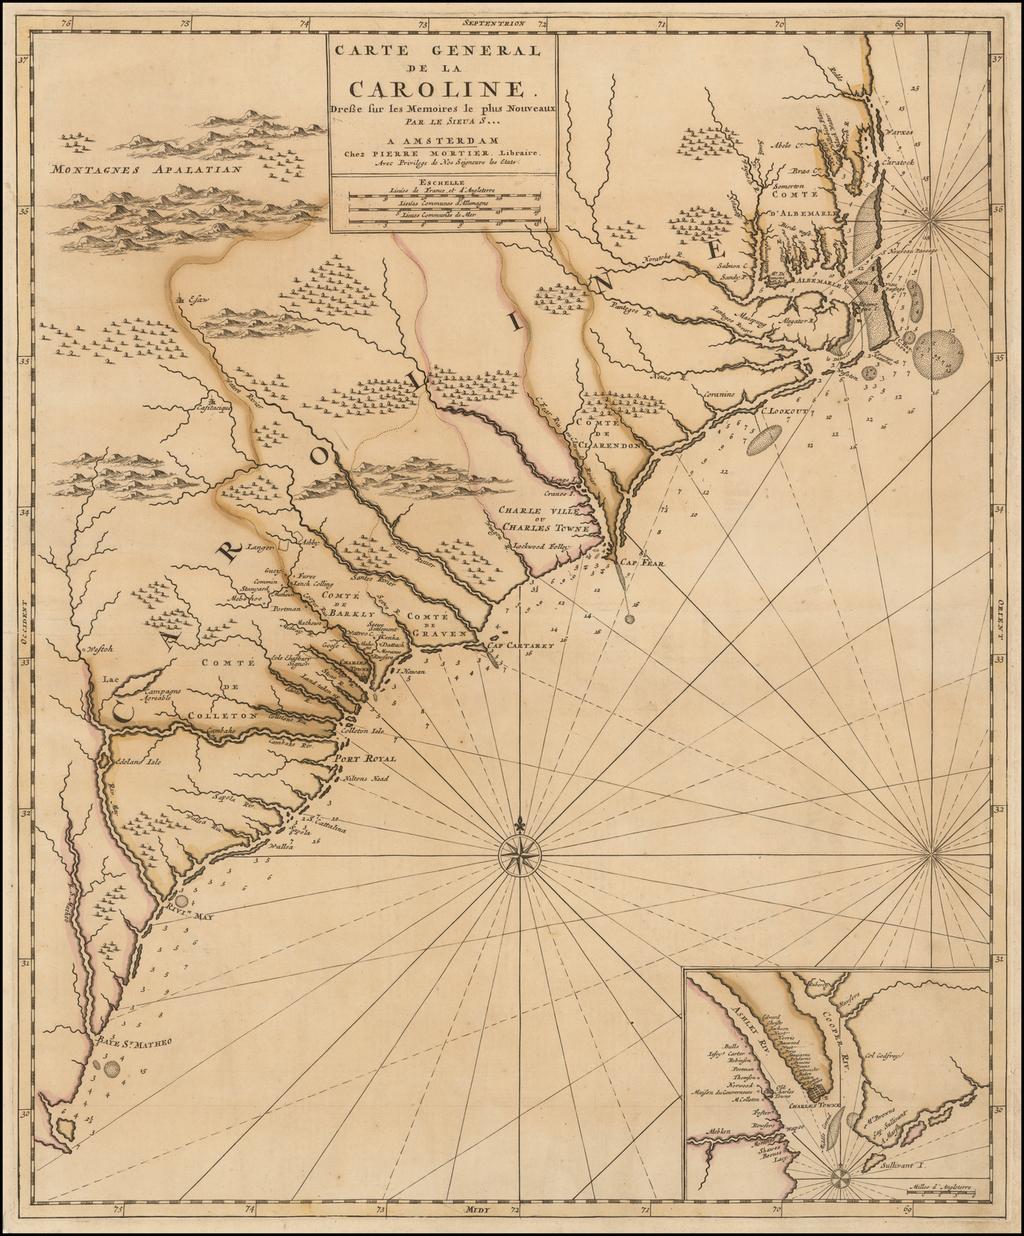 Carte General De La Caroline.  Dresse sur les Memoires le plus Nouveaux Par Le Sieu A S . . .  By Pieter Mortier